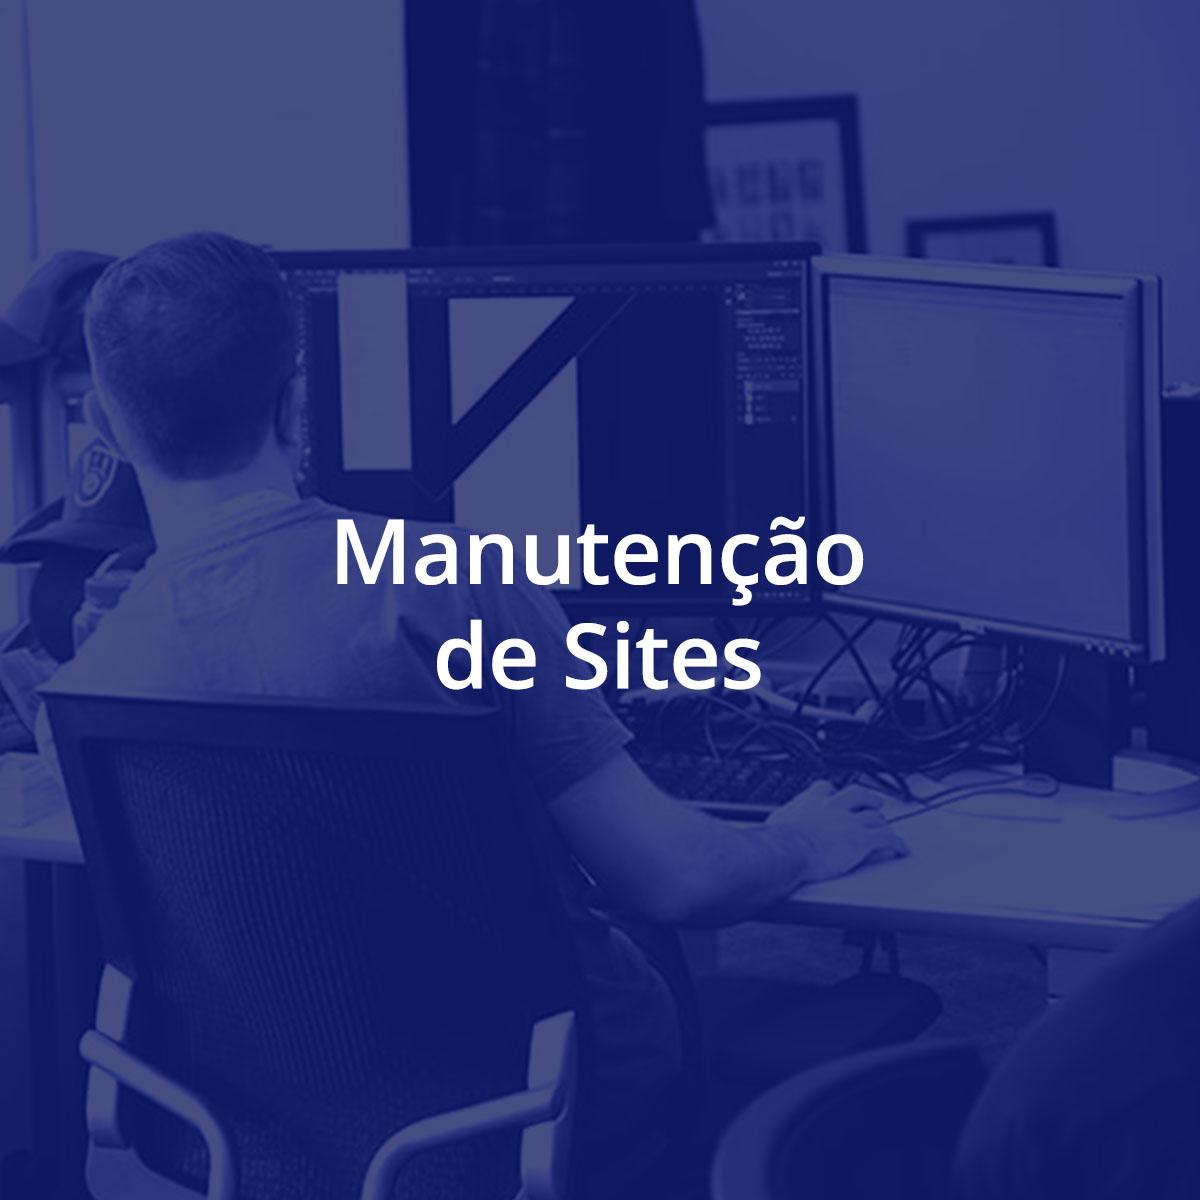 servico-manutencao-de-sites-2